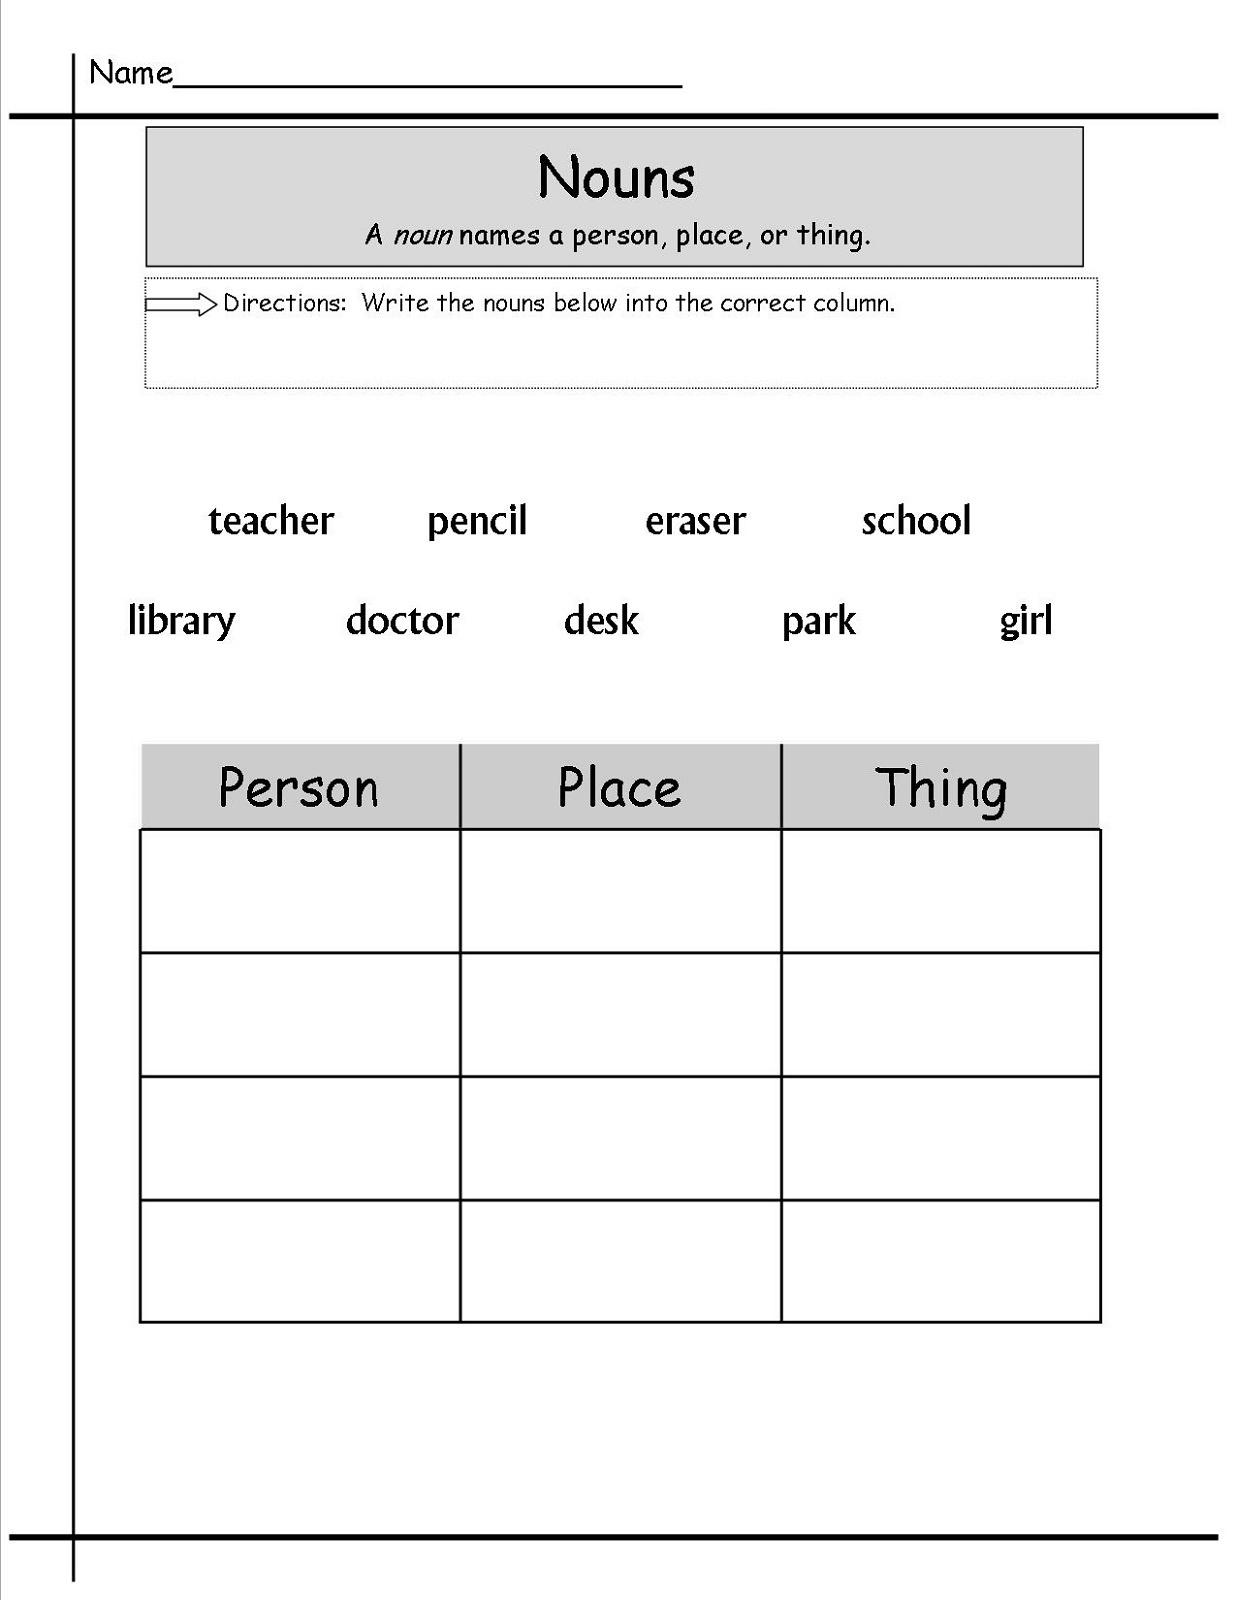 Free Grammar Worksheets Nouns K5 Worksheets